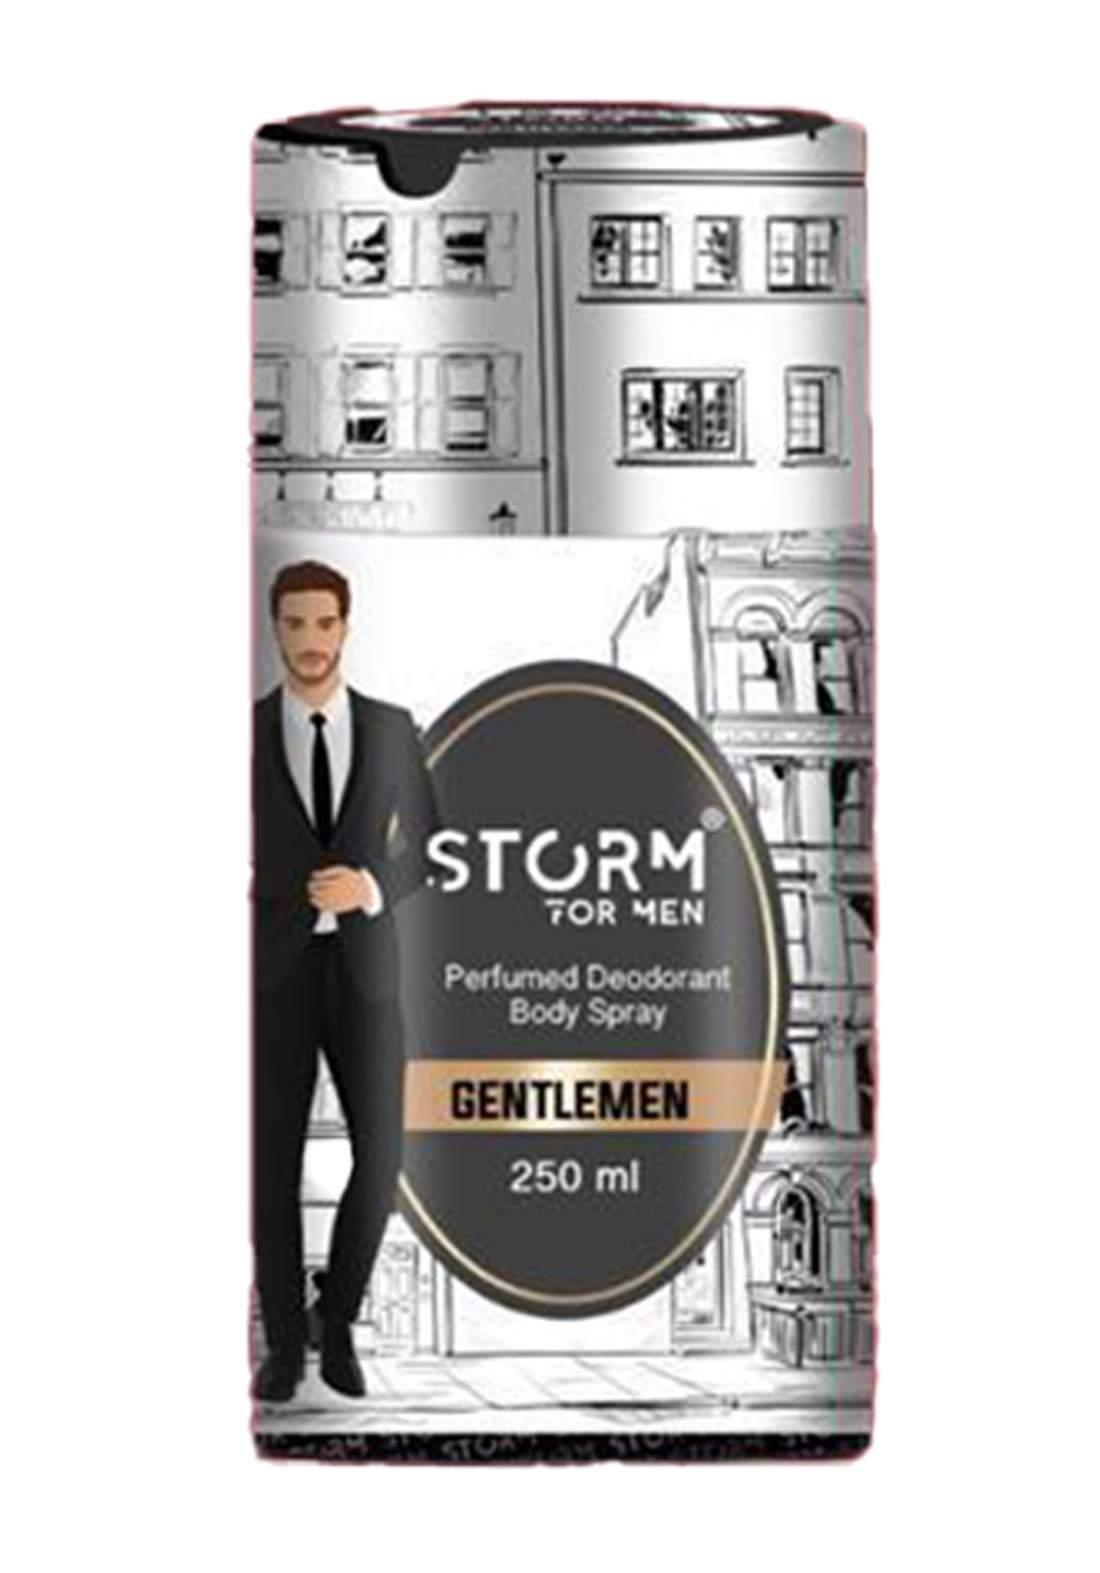 Storm Perfumed Deodorant Body Spray For Men-Gentlemen 250ml معطر جسم رجالي